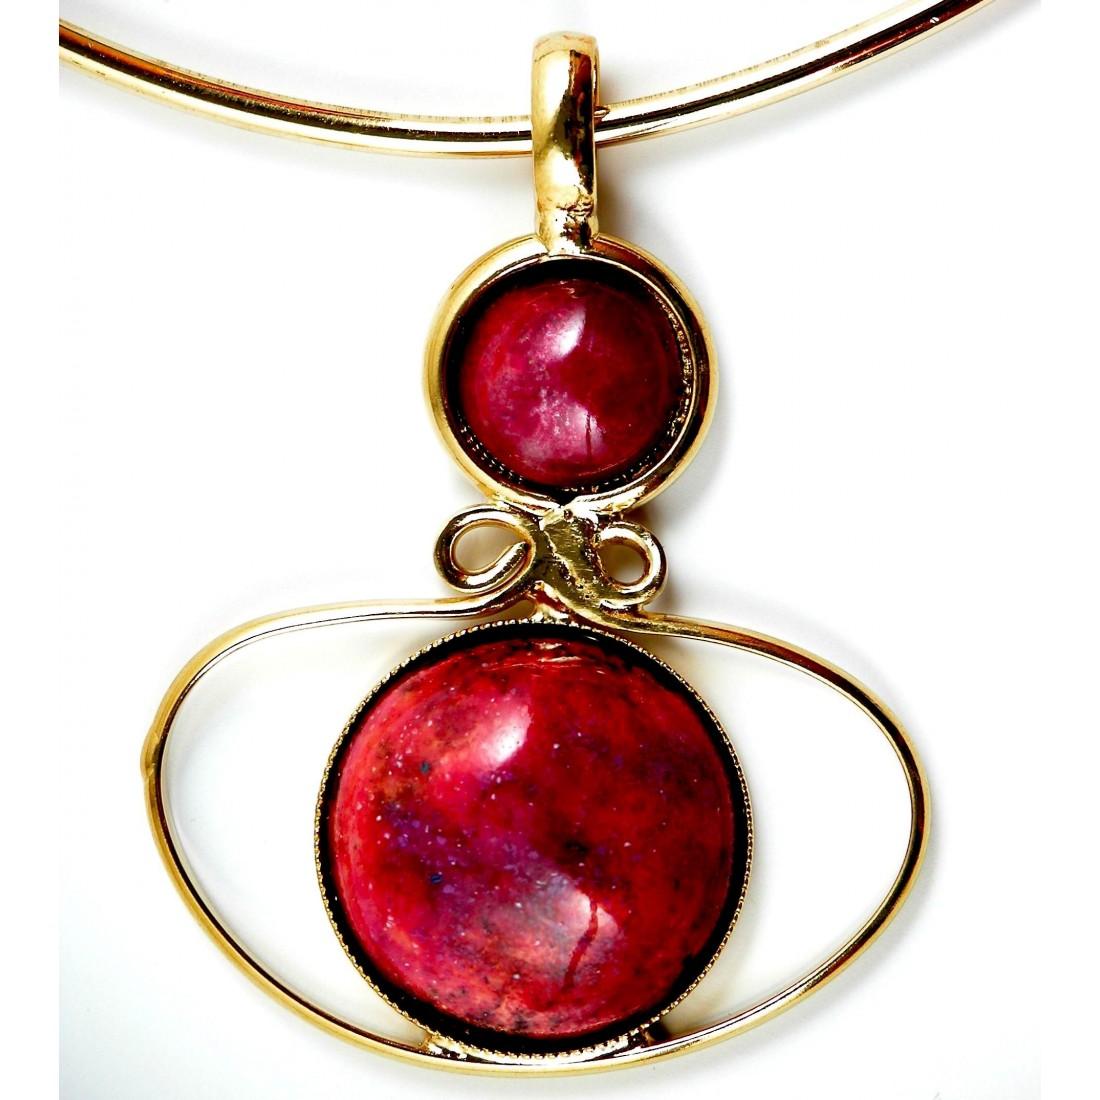 Collier d'art en émail-bijou d'artiste doré